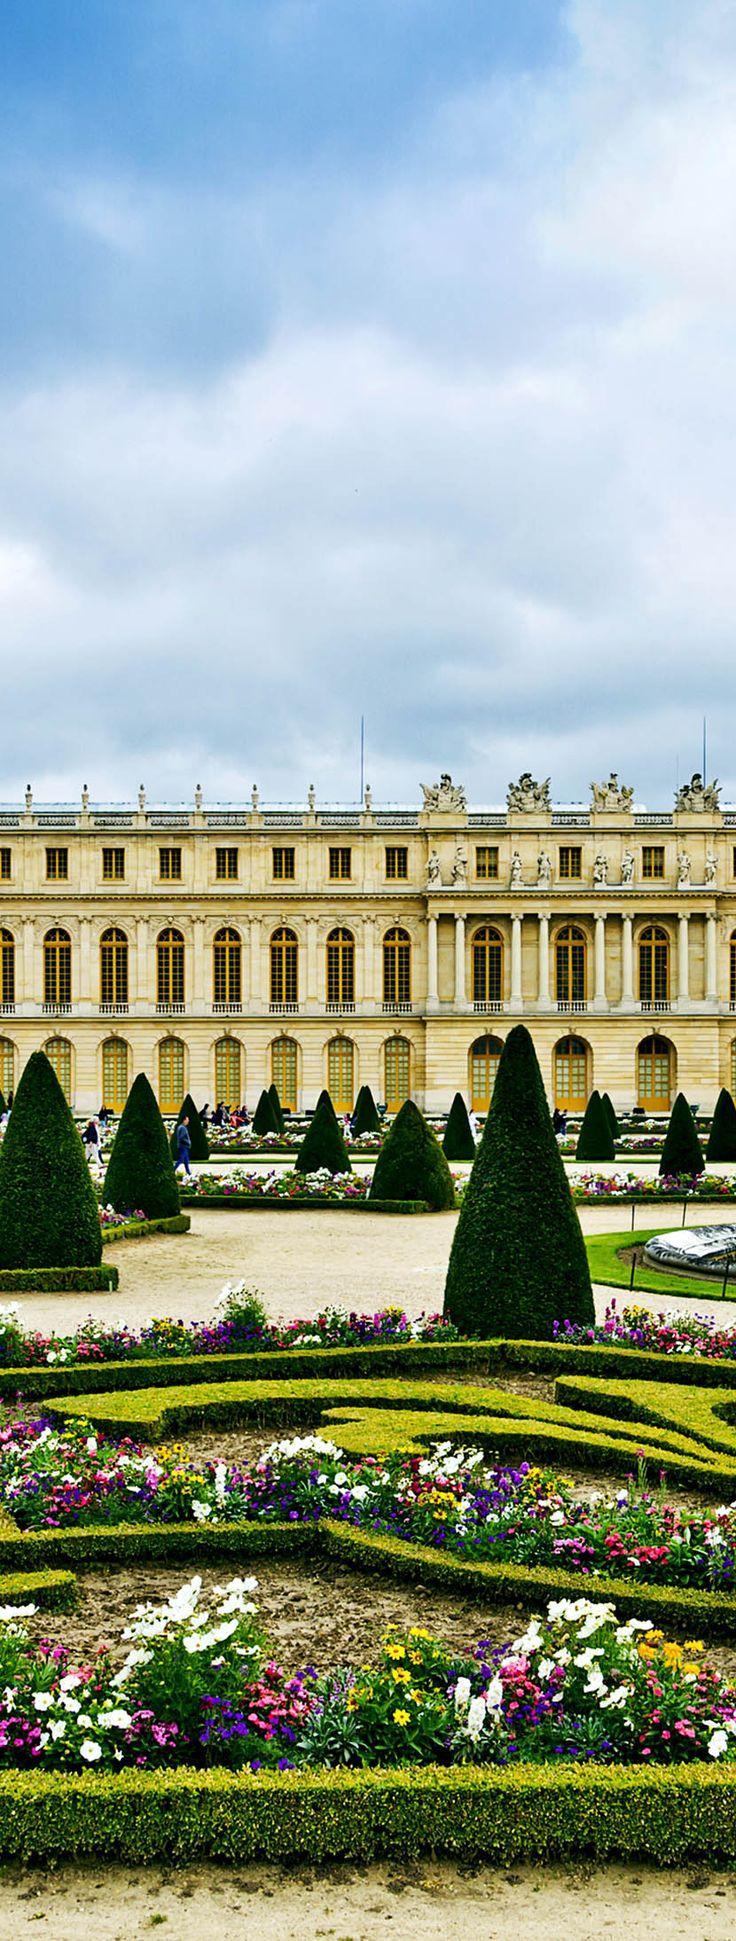 Palacio de Versalles famosa con hermosos jardines.  |